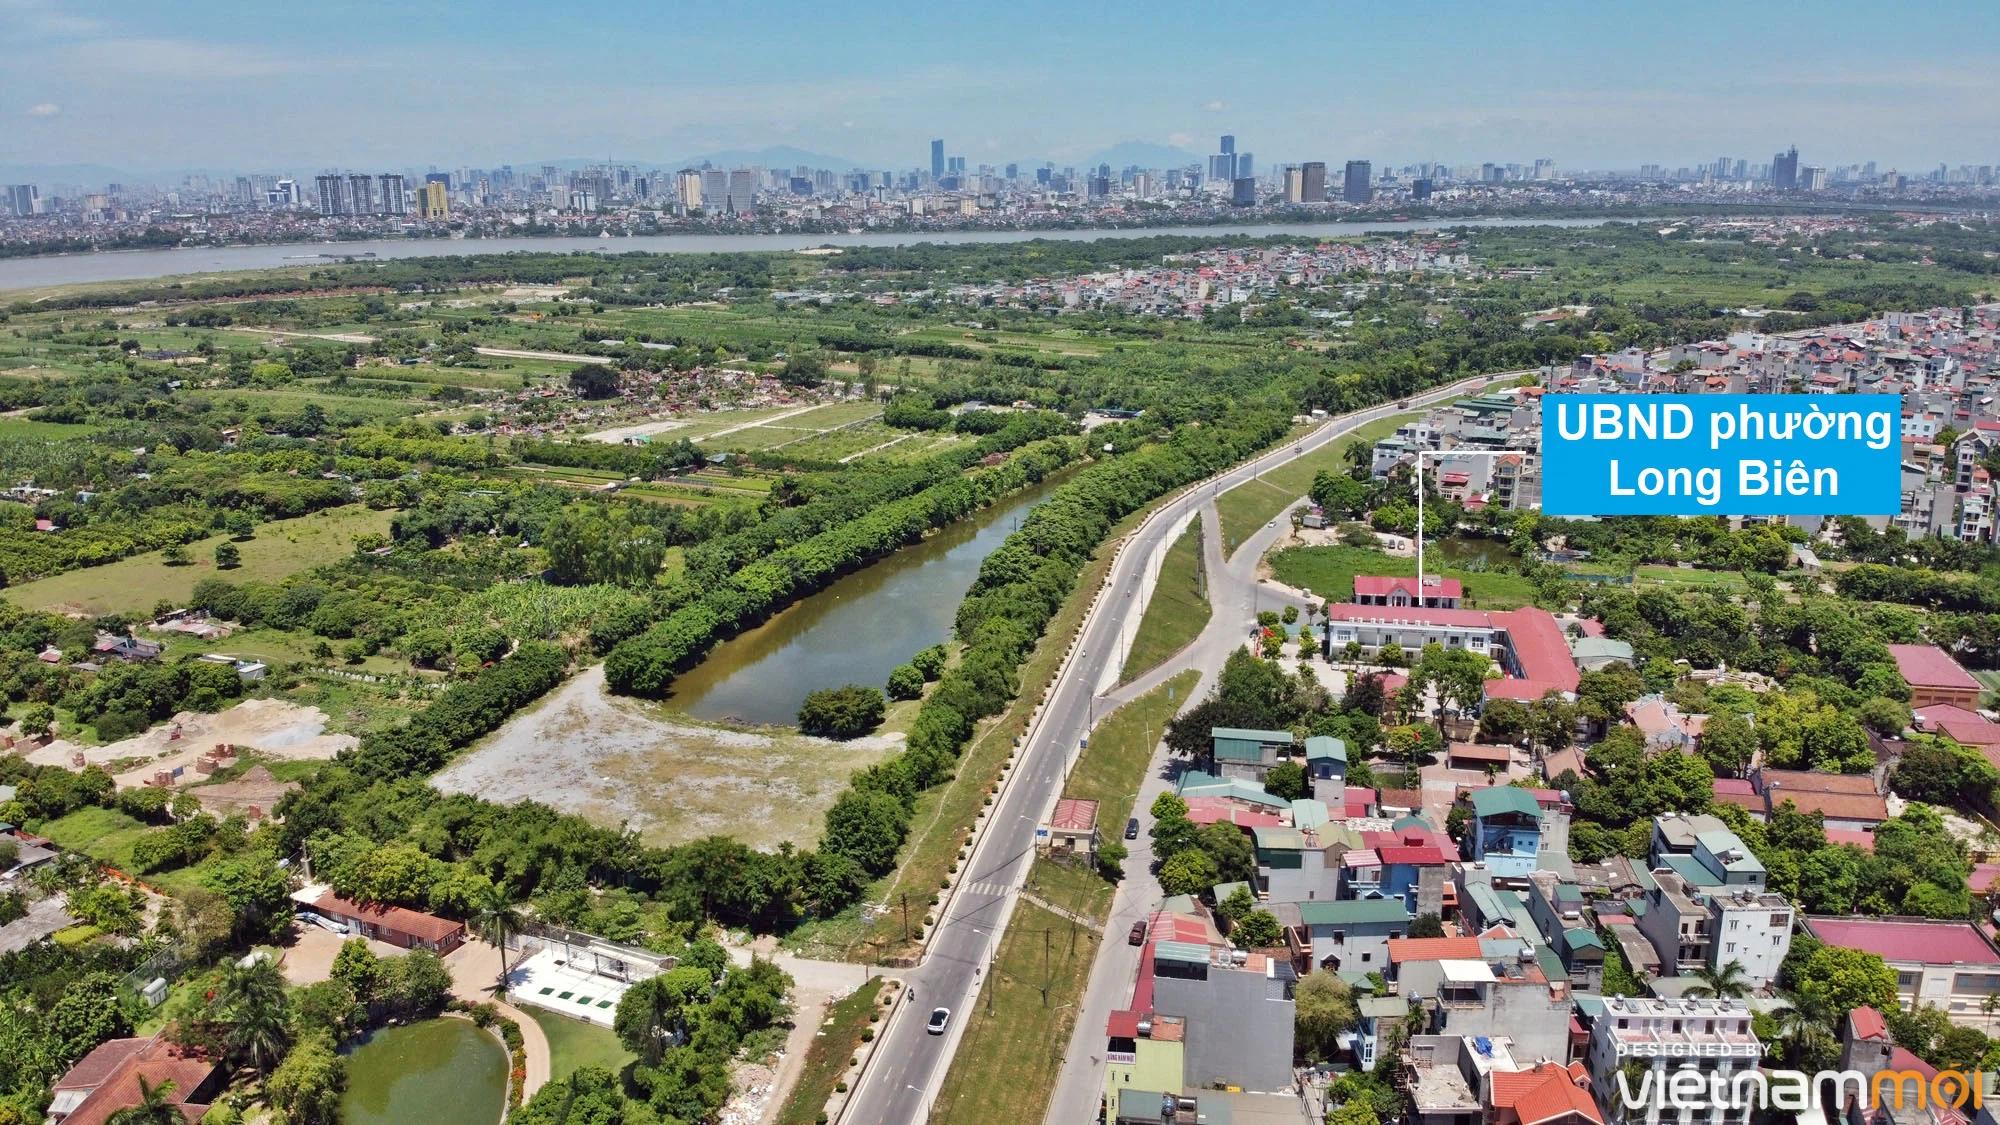 Toàn cảnh hiện trạng Phân khu đô thị sông Hồng trên địa bàn quận Long Biên - Ảnh 16.